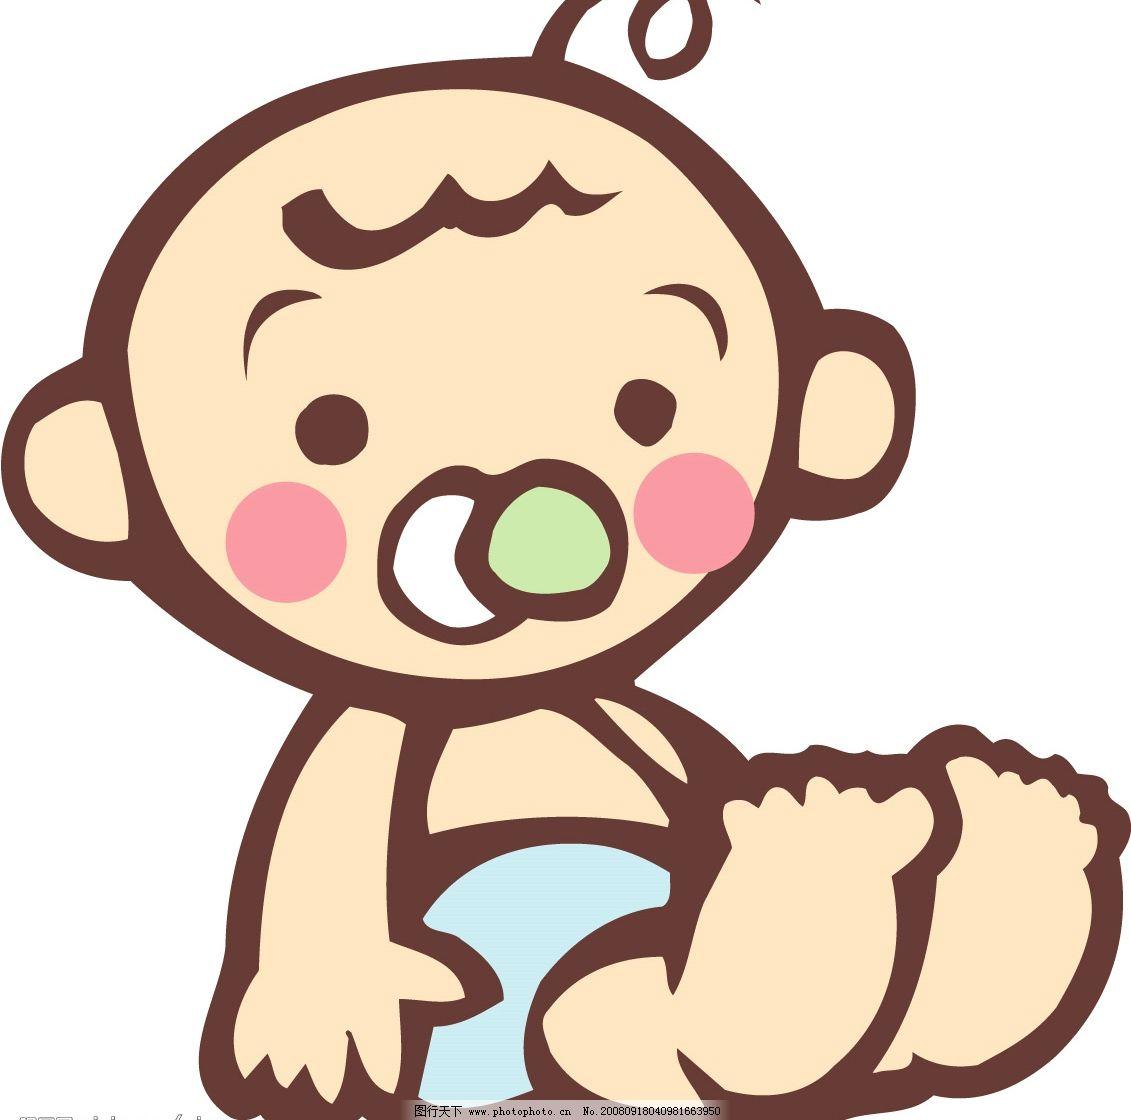 男宝宝 日本 男孩 奶嘴 坐着 矢量人物 儿童幼儿 日本婴儿矢量图